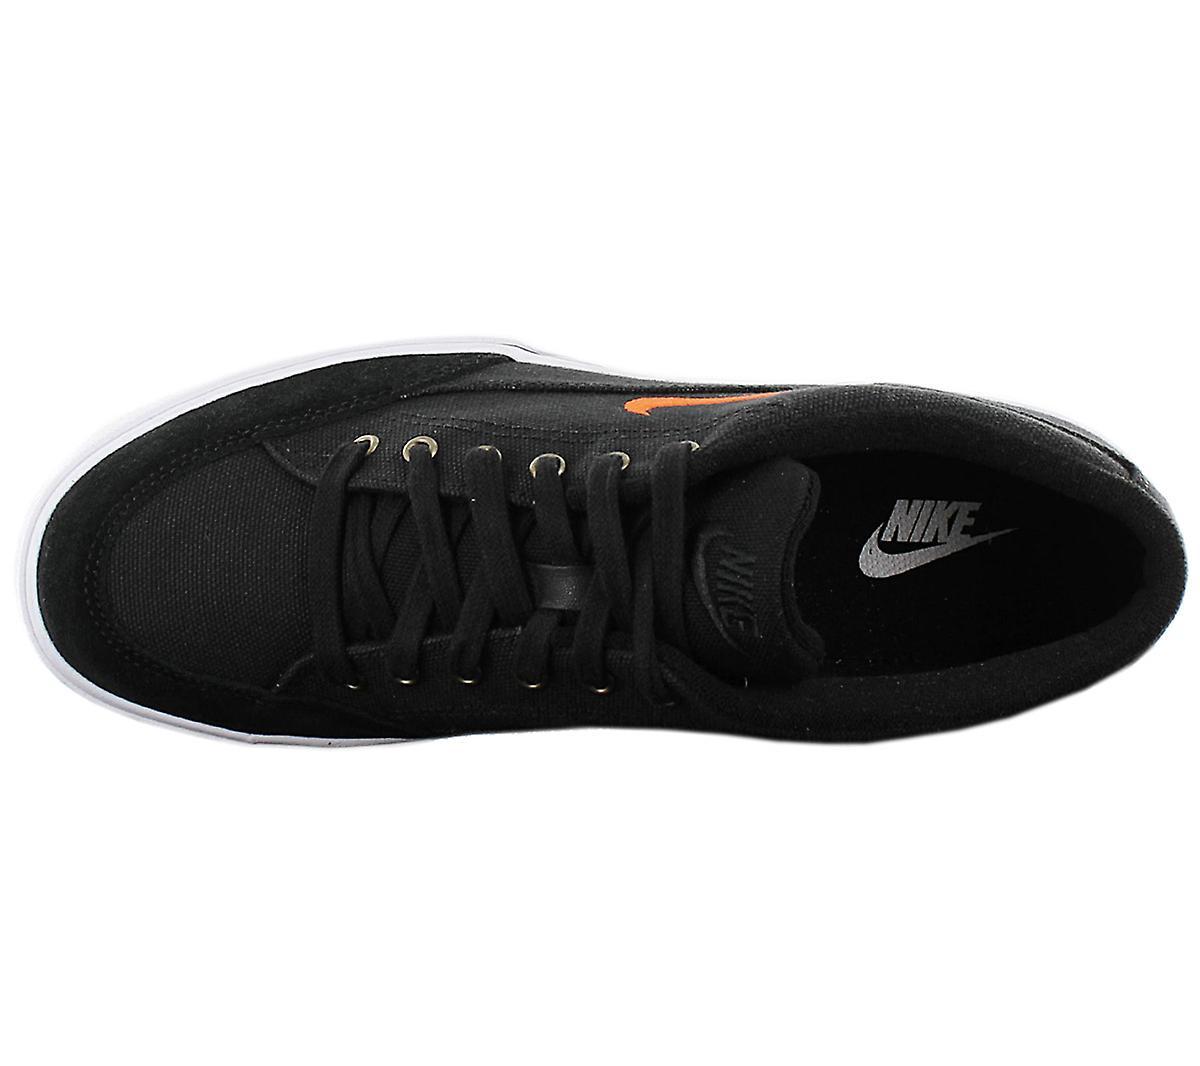 Nike GTS 16 TXT - Chaussures pour hommes Noir CJ9694-001 Baskets Chaussures de sport